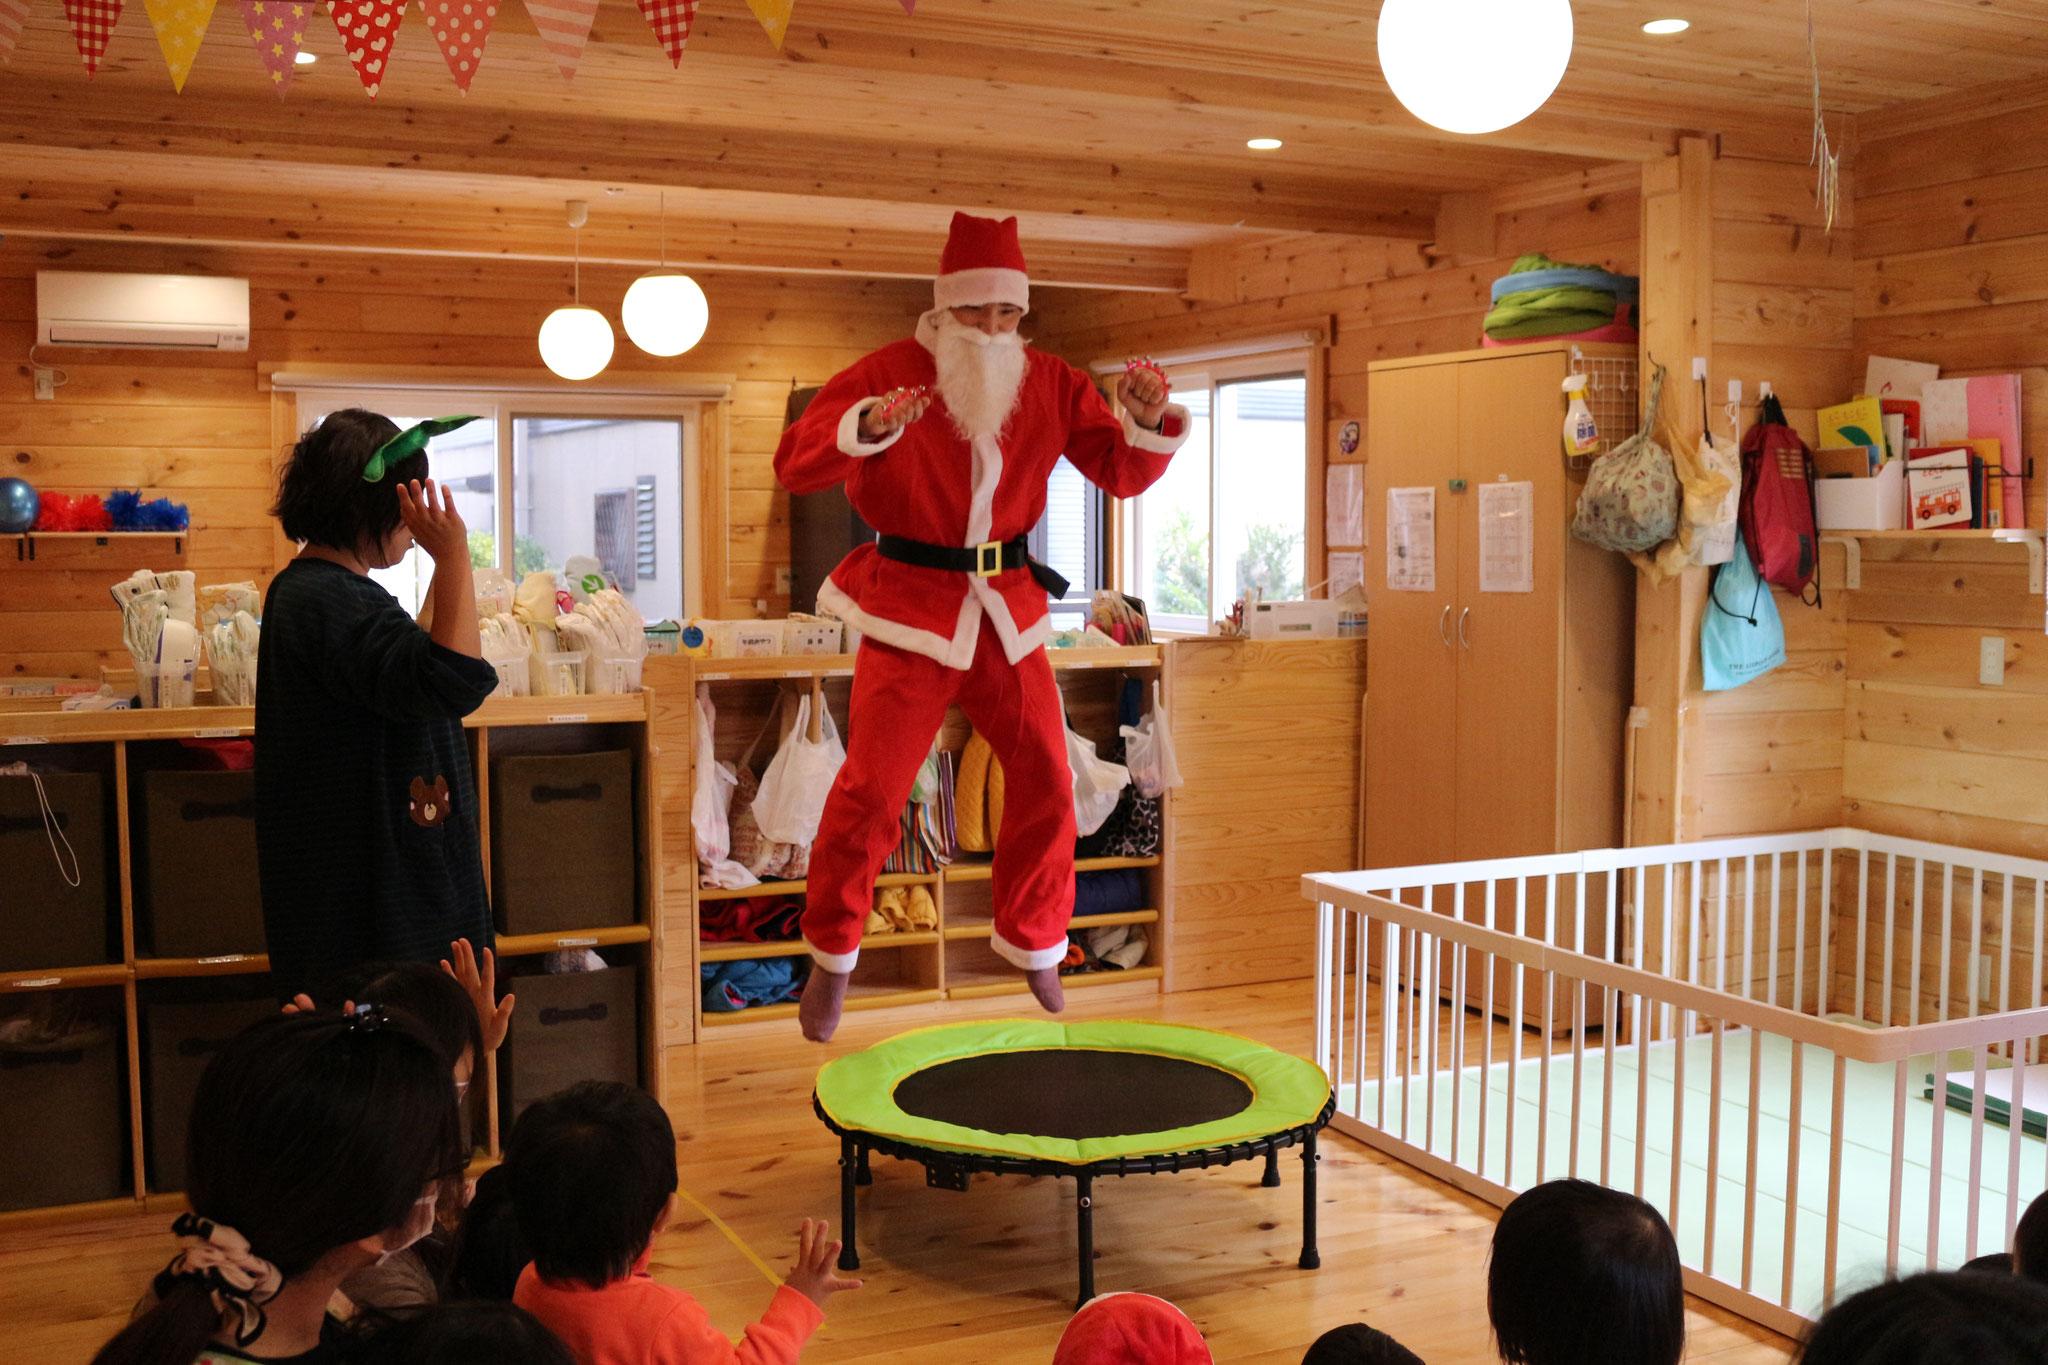 サンタさんもおったまげえ(笑) ぽよよ~ん(^^♪ みんなで遊べるトランポリンをプレゼント🎁